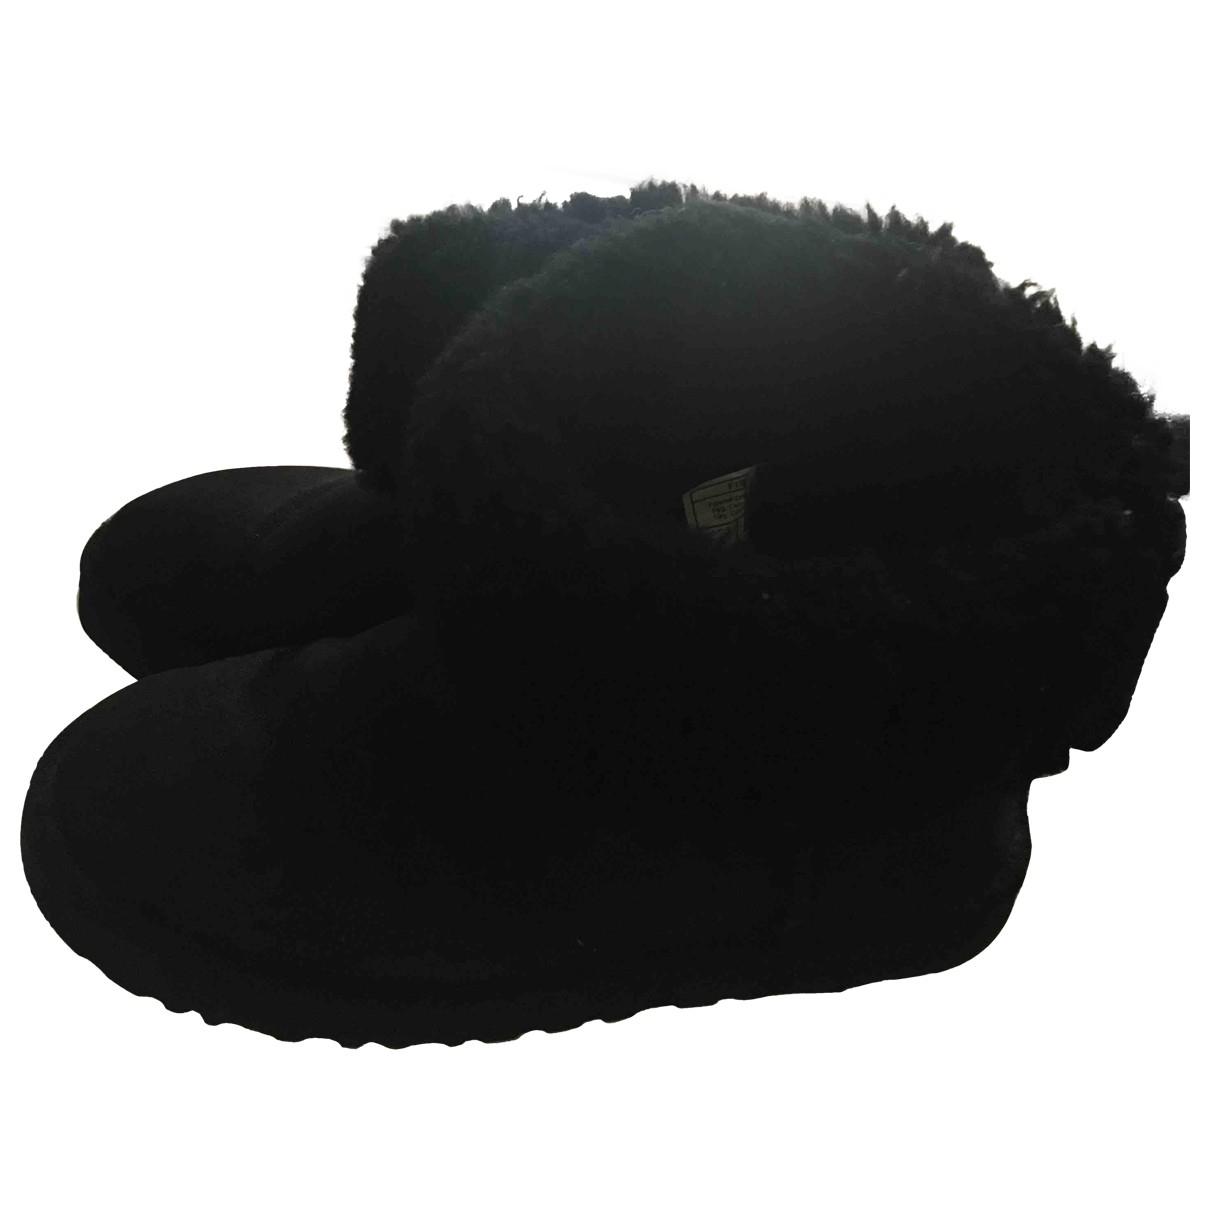 Ugg - Boots   pour femme en suede - noir